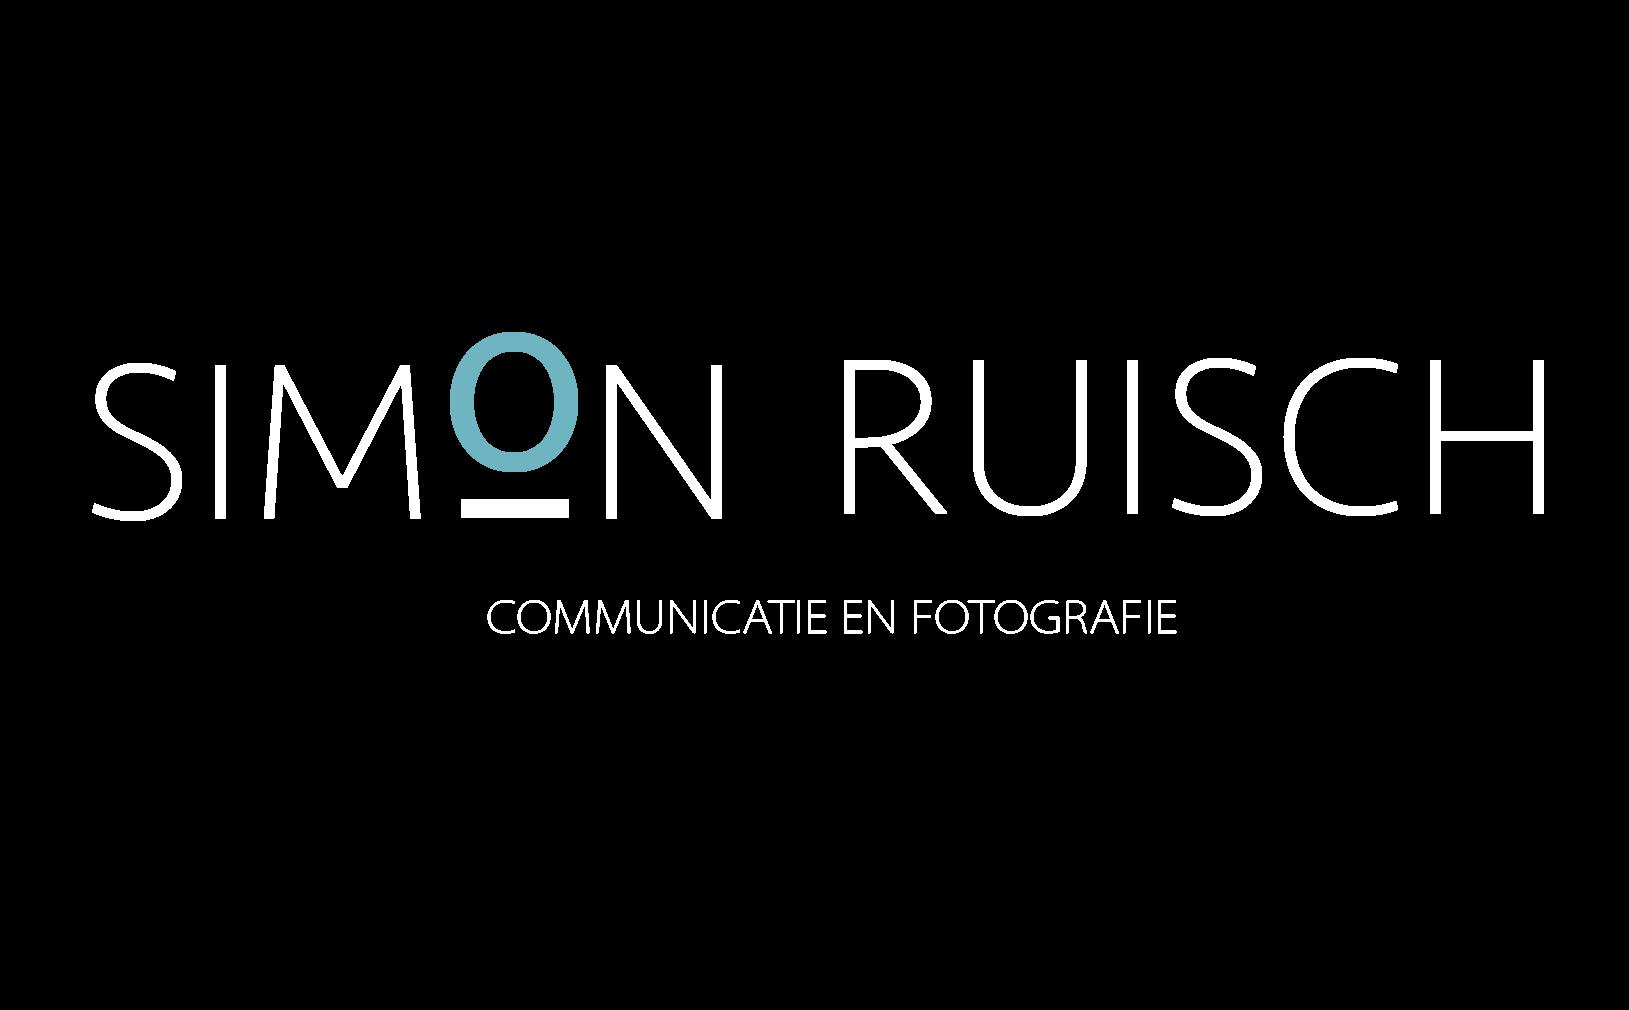 Simon Ruisch